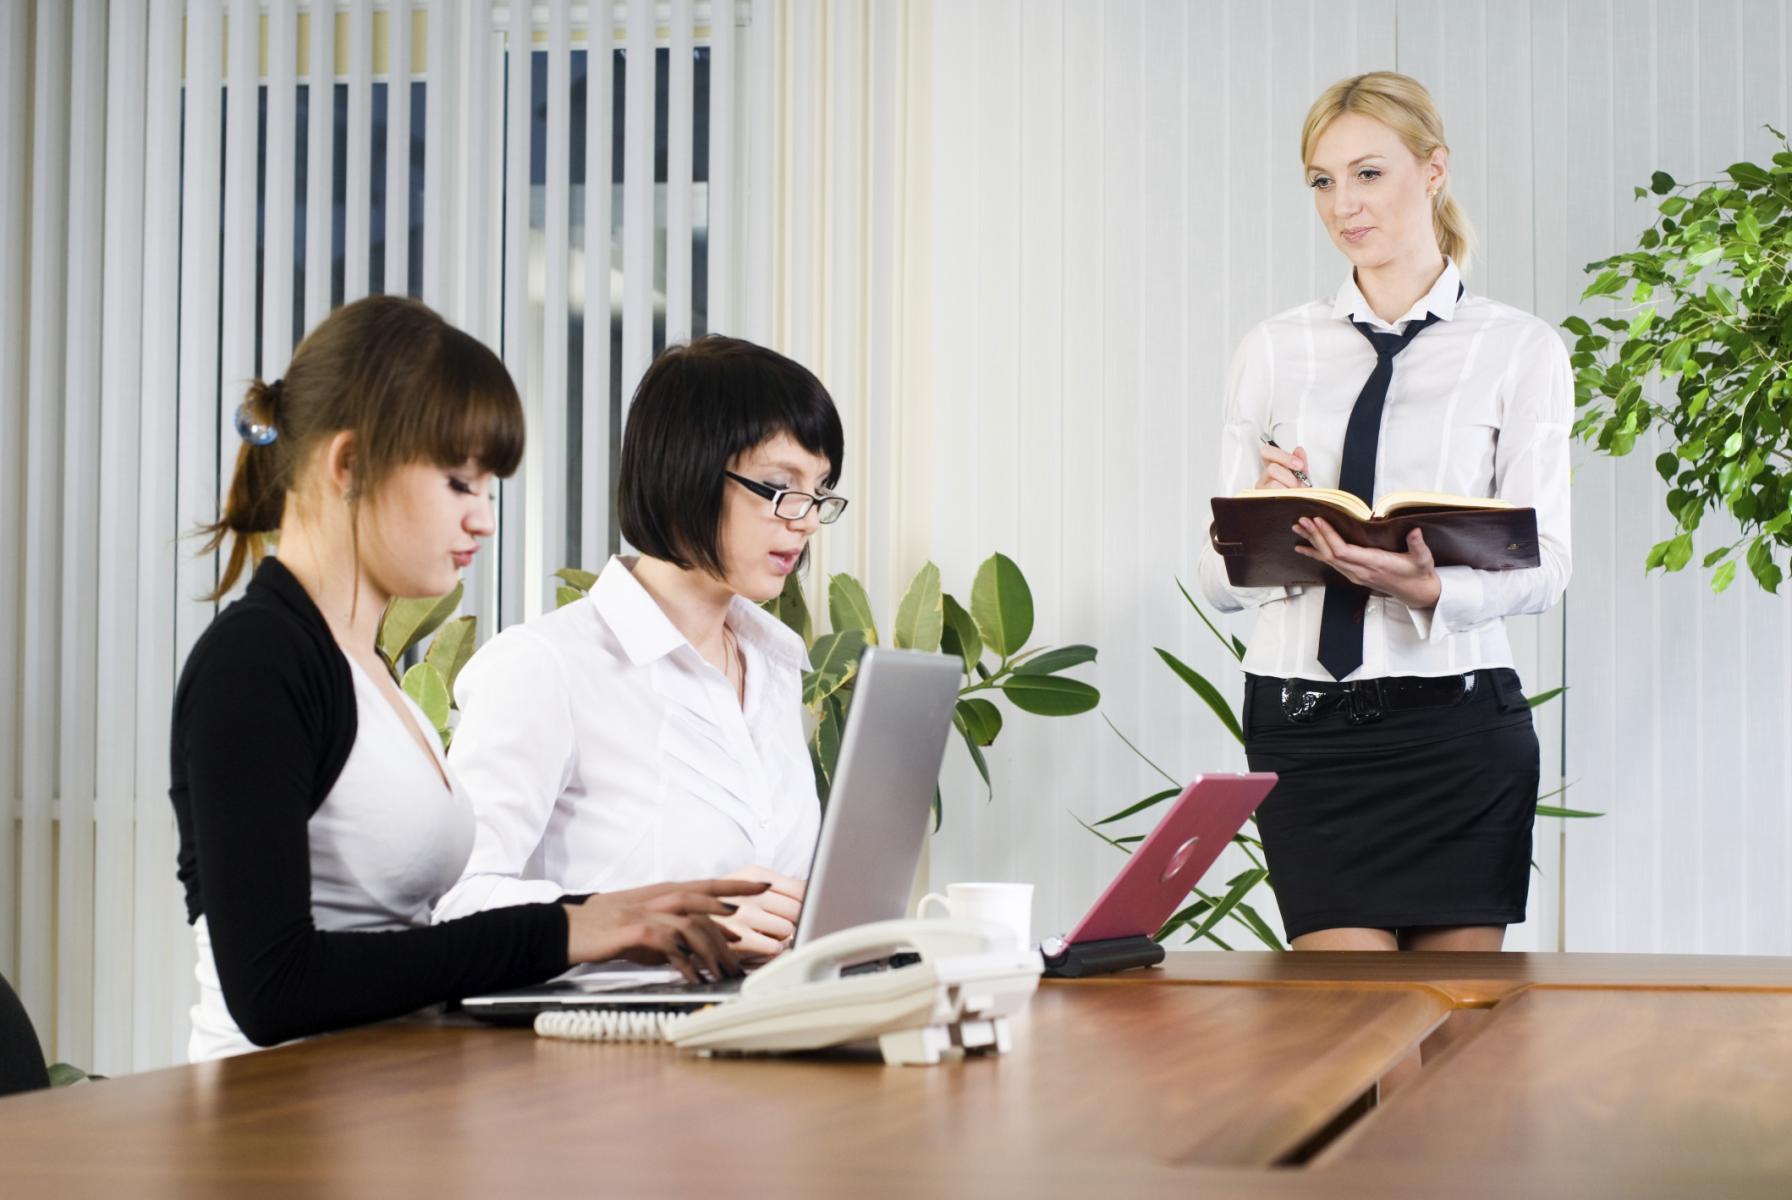 Modelos de oficios aprende a diferenciarlos for Imagenes de oficina de trabajo